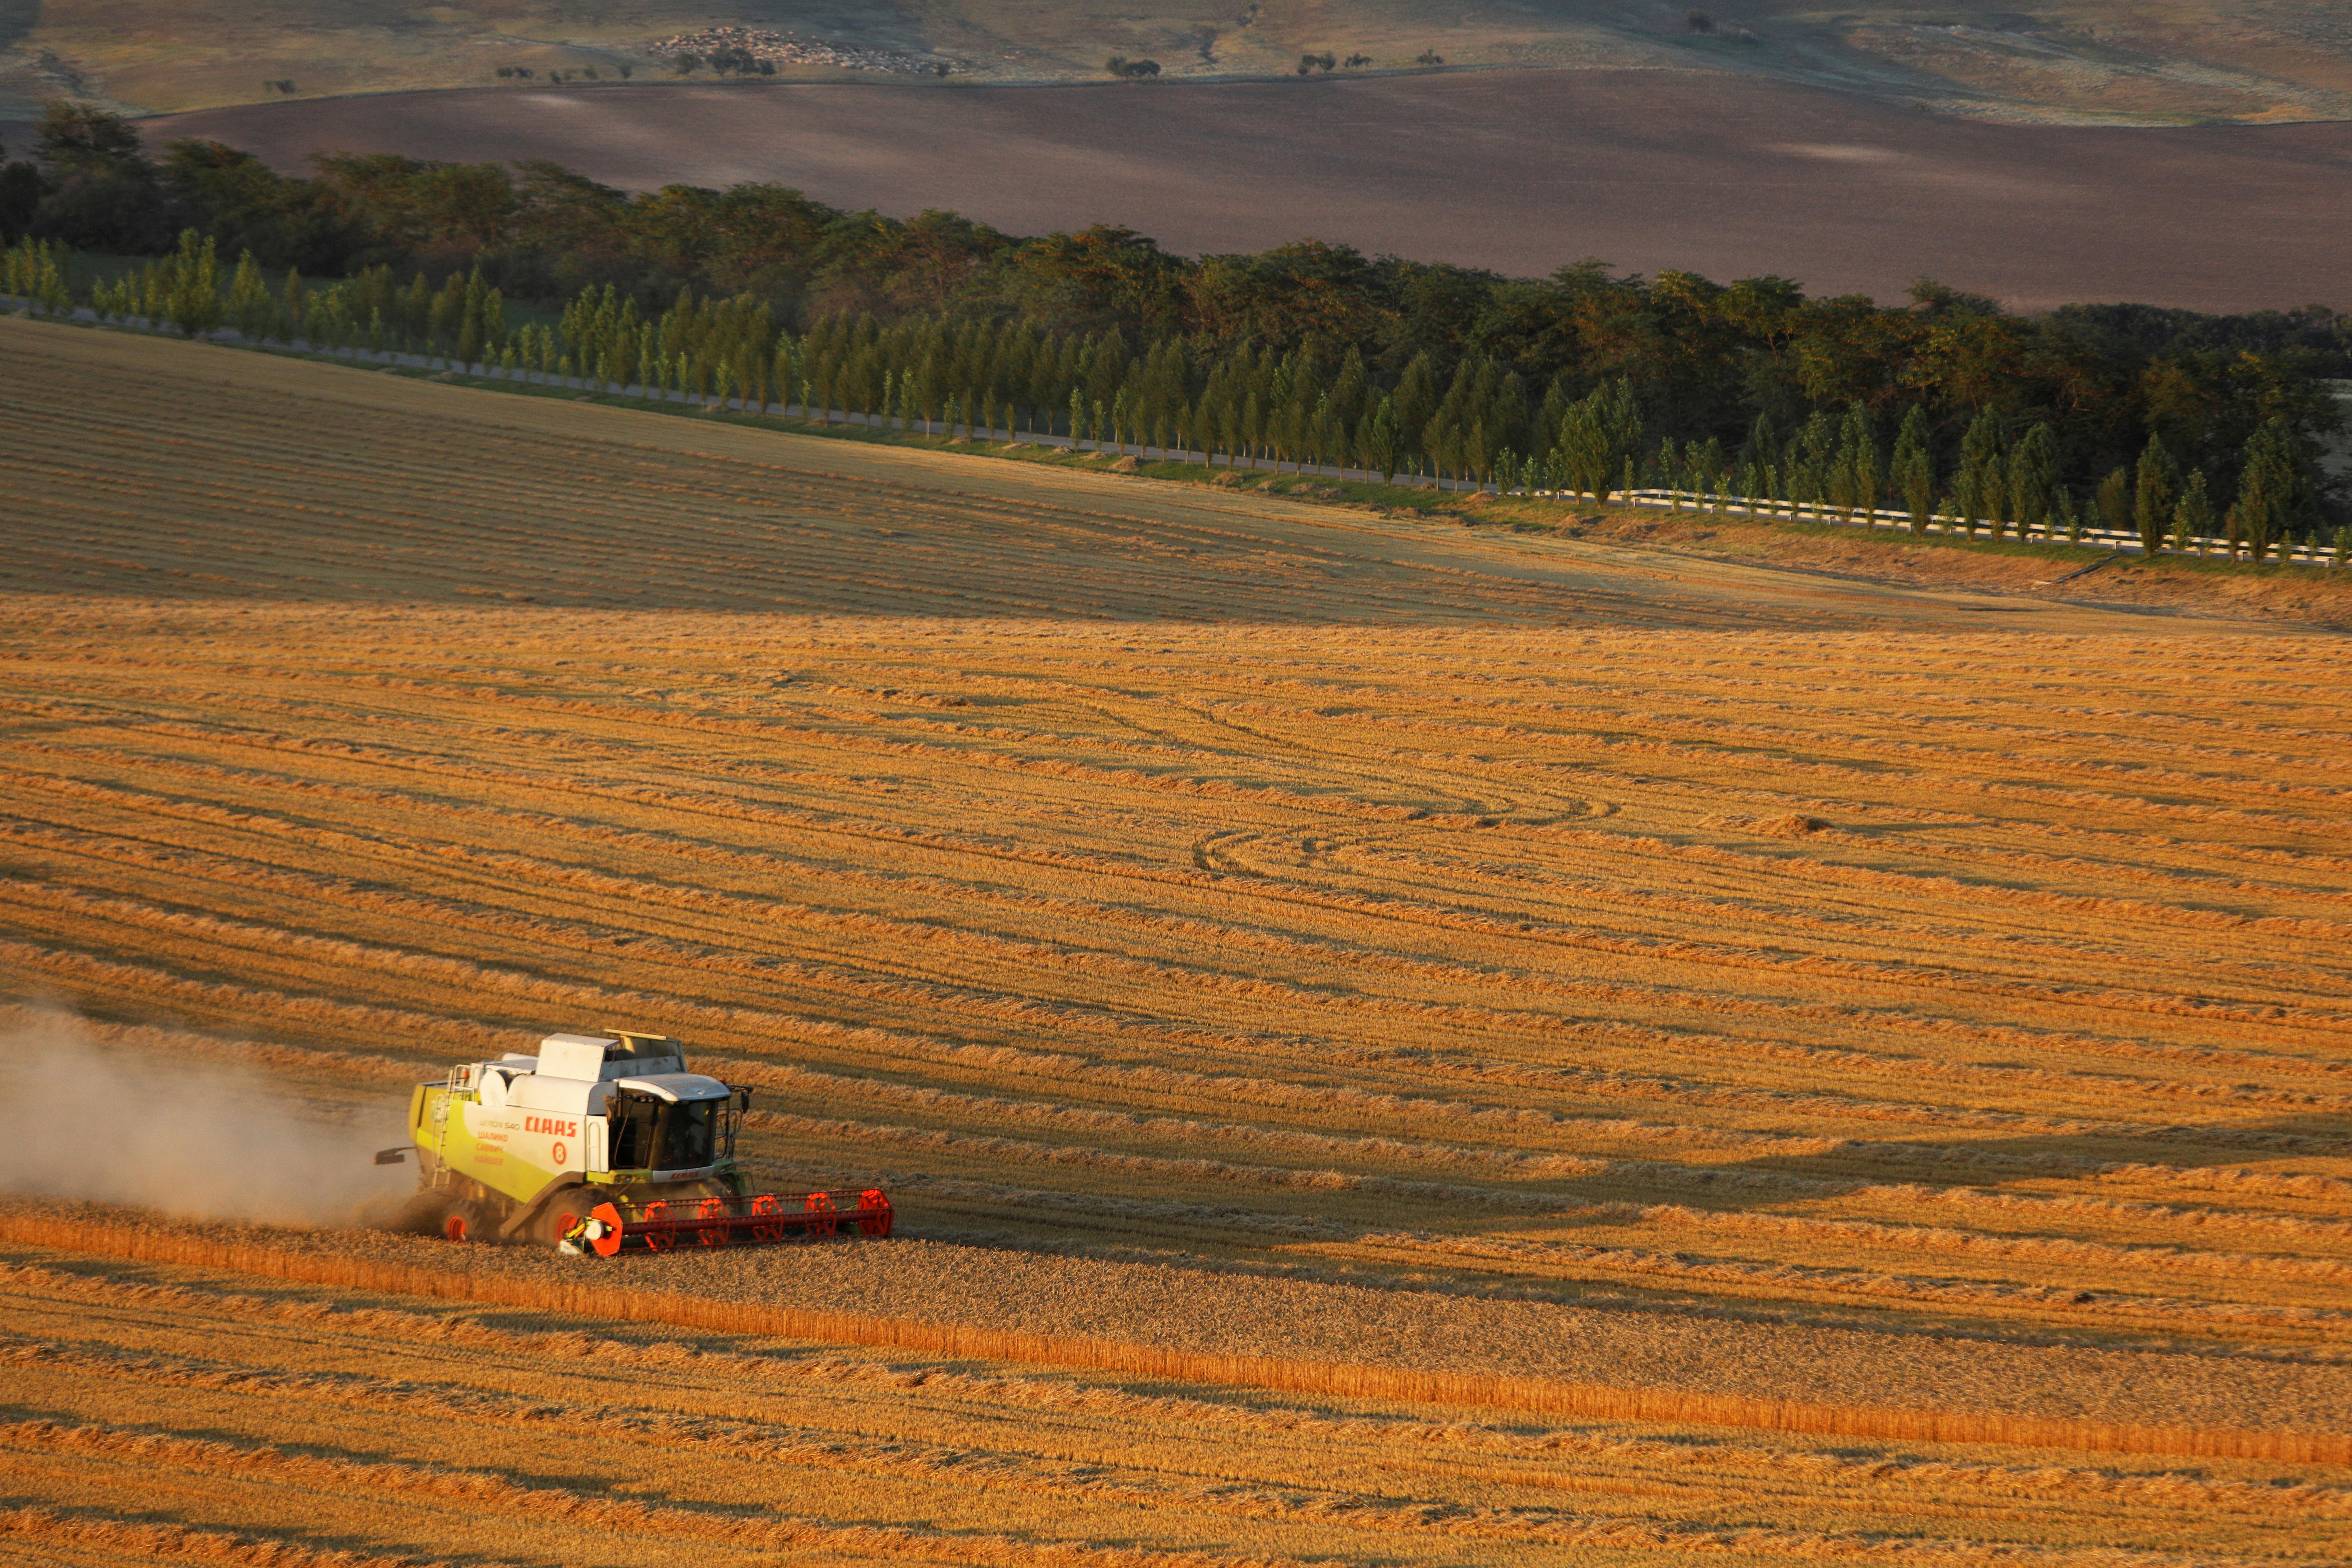 コンバインは、17年2021月XNUMX日、ロシアのスタヴロポリ地方のスヴォロフスカヤ村近くの畑で小麦を収穫します。REUTERS/ Eduard Korniyenko